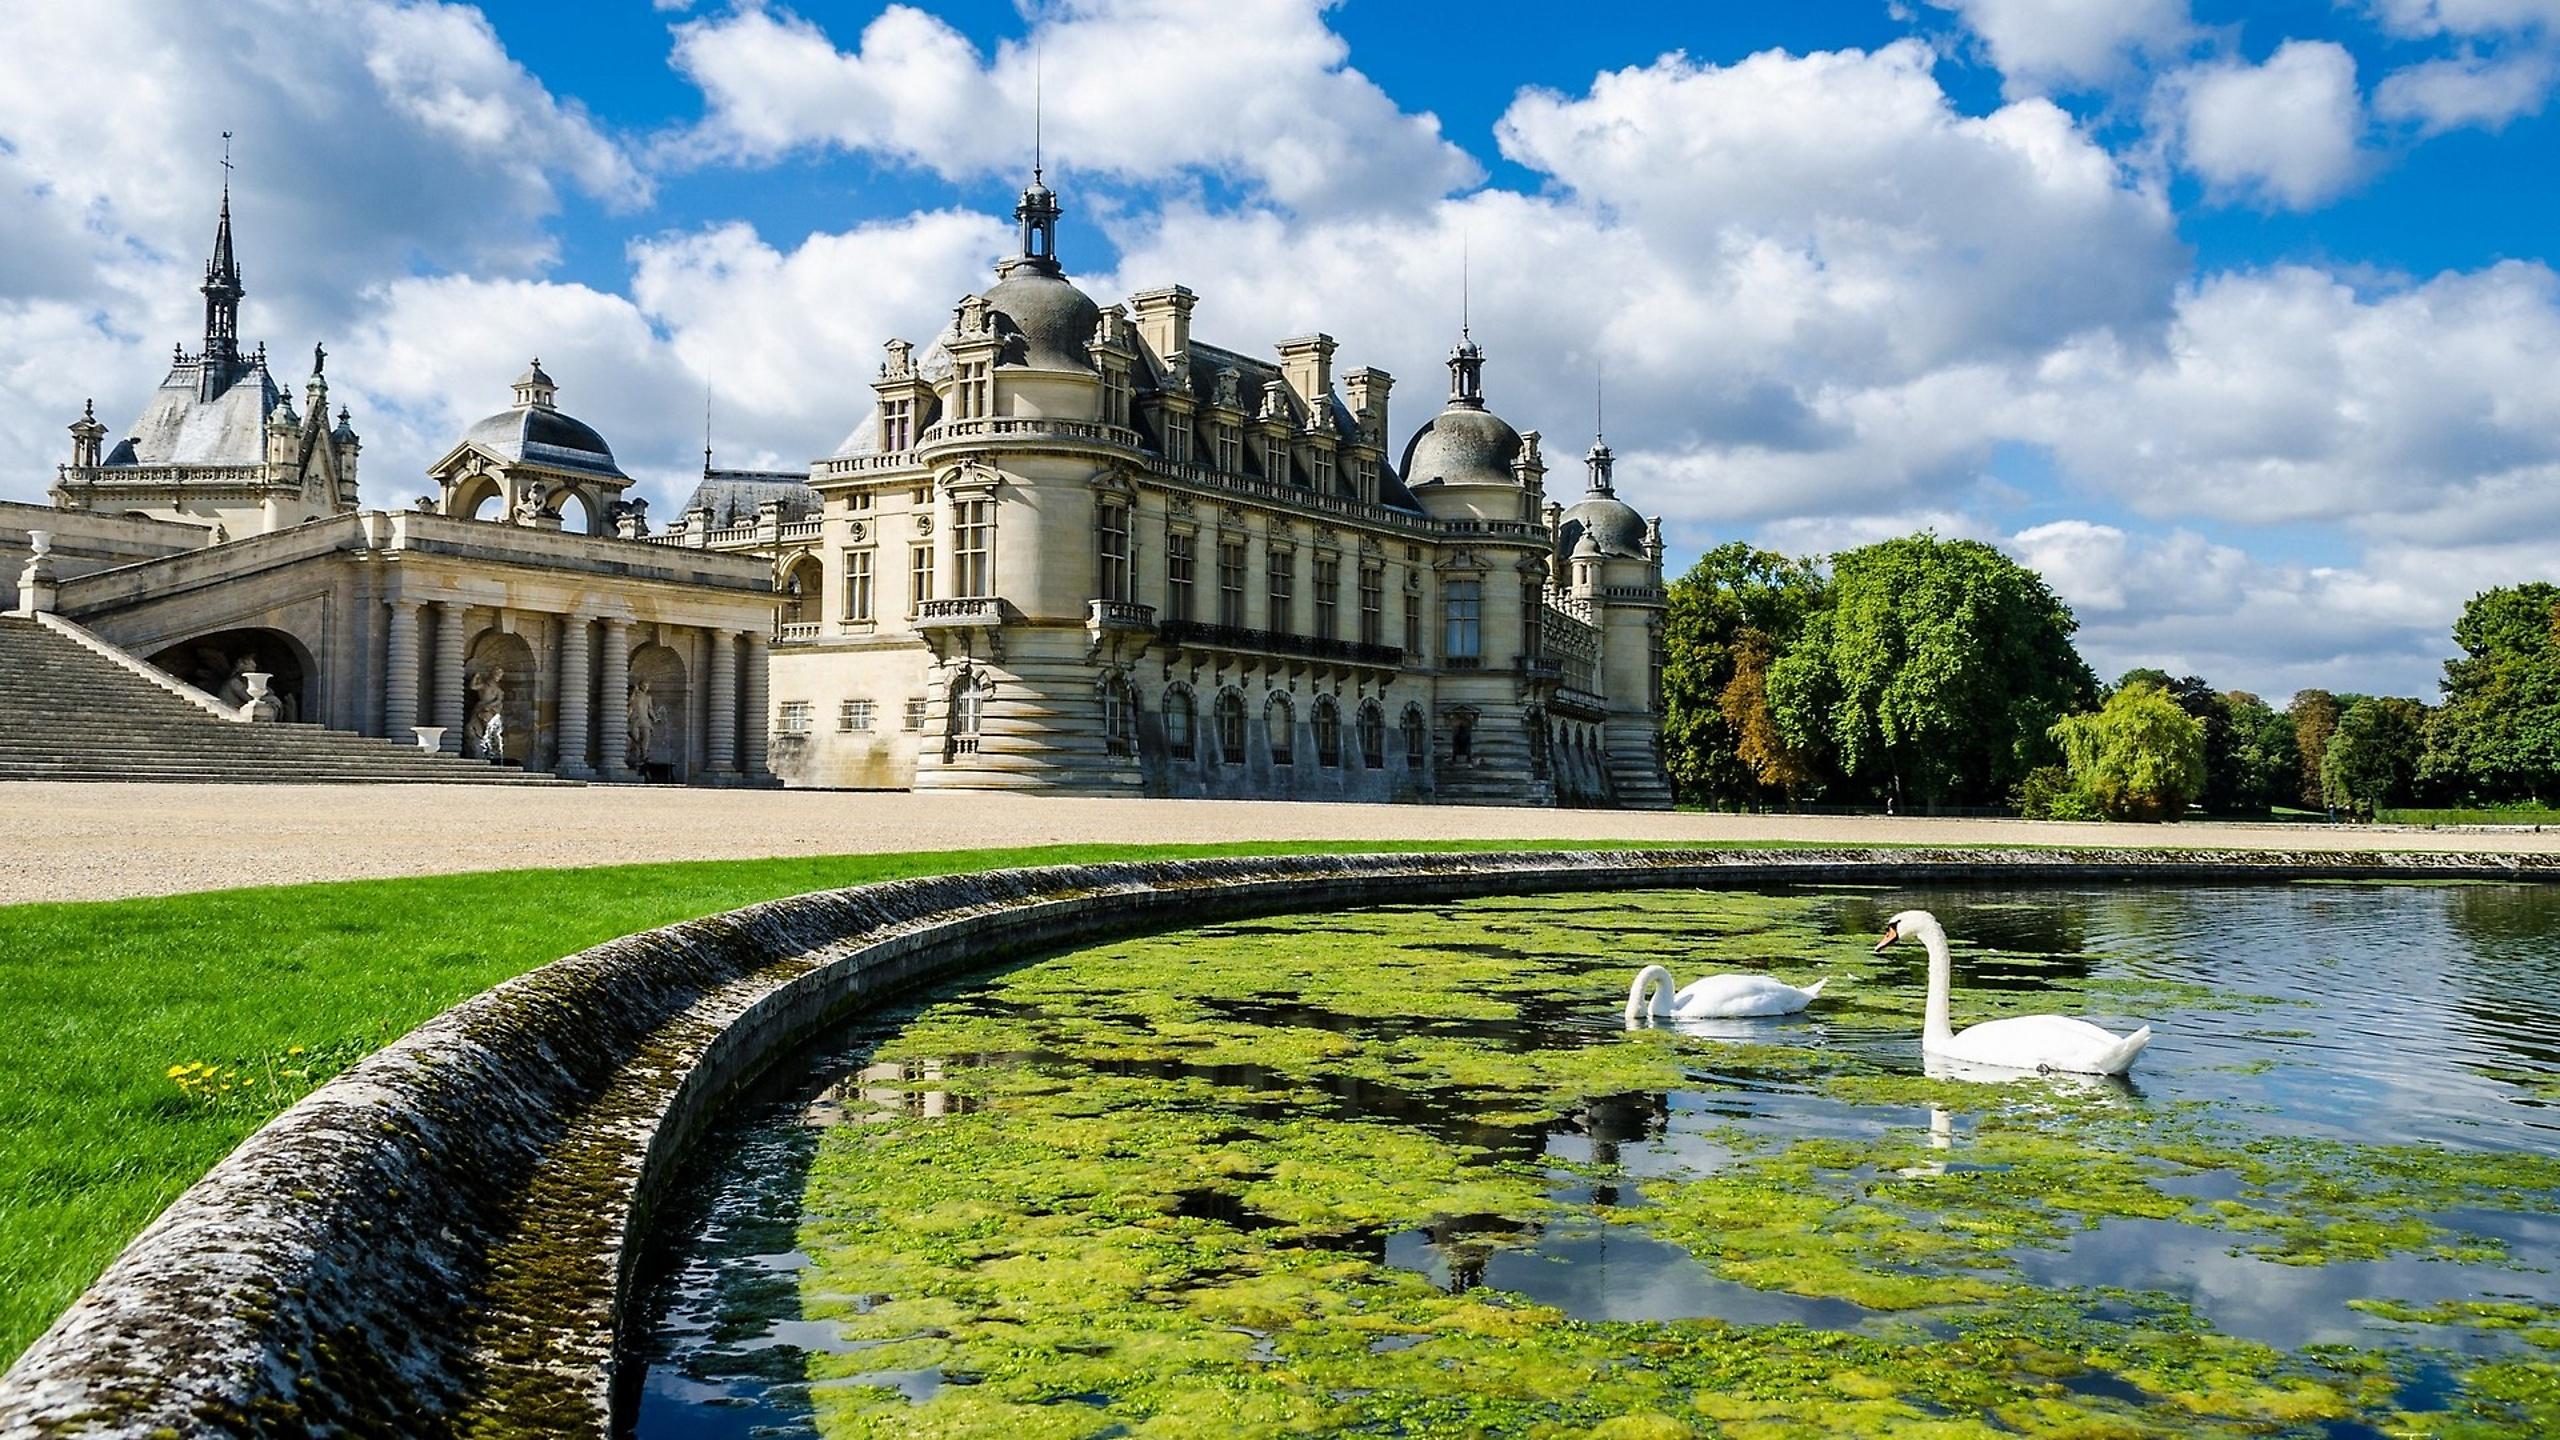 Замок в центре водоема без смс